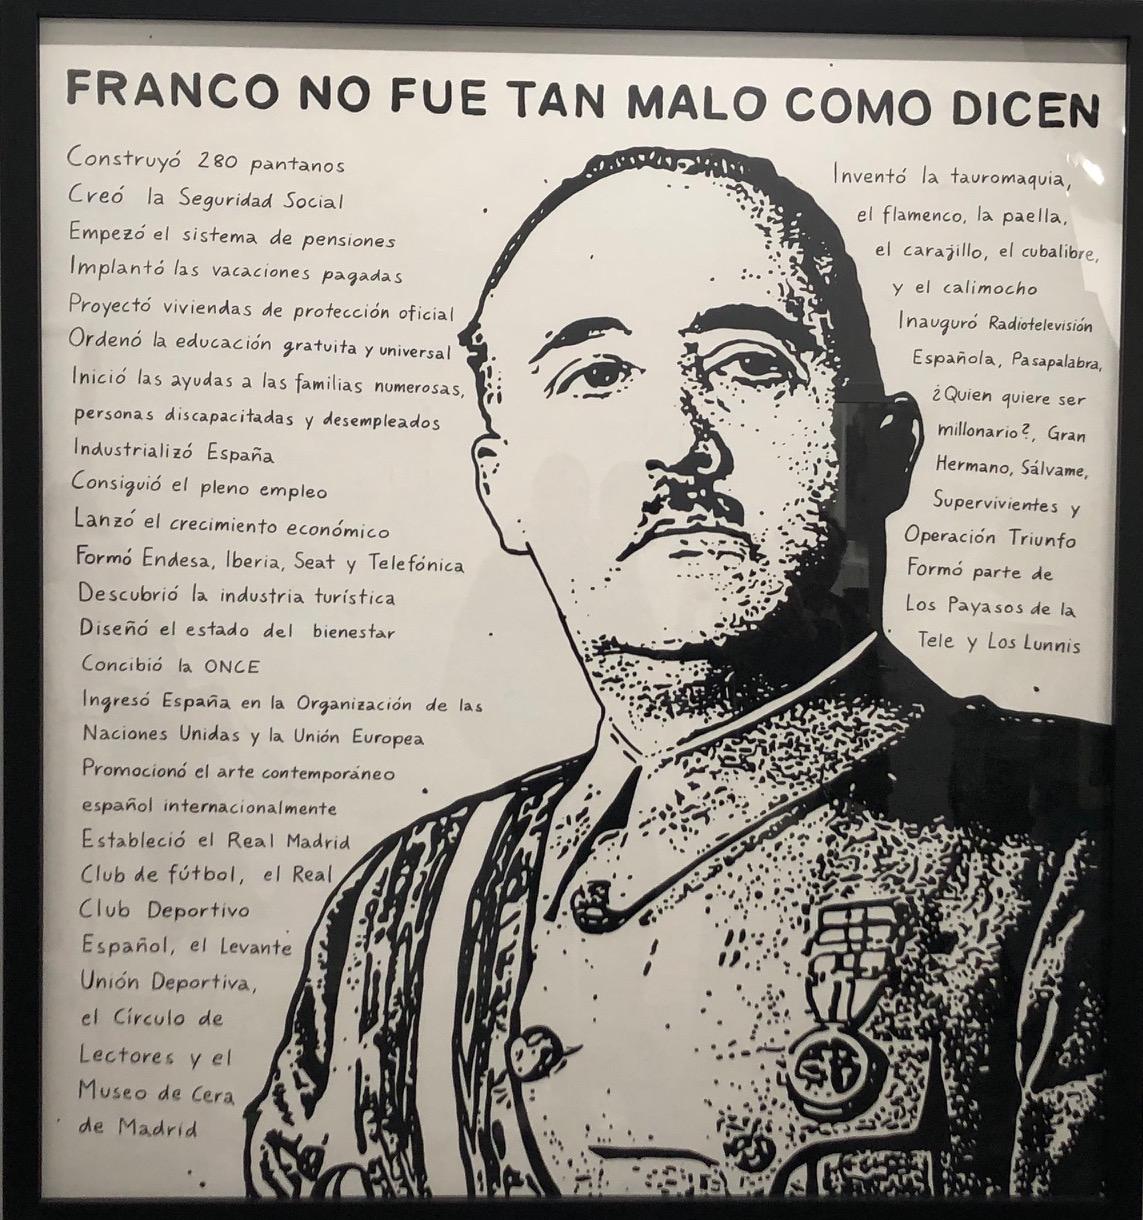 Franco no fue tan malo como dicen. Riiko Sakkinen